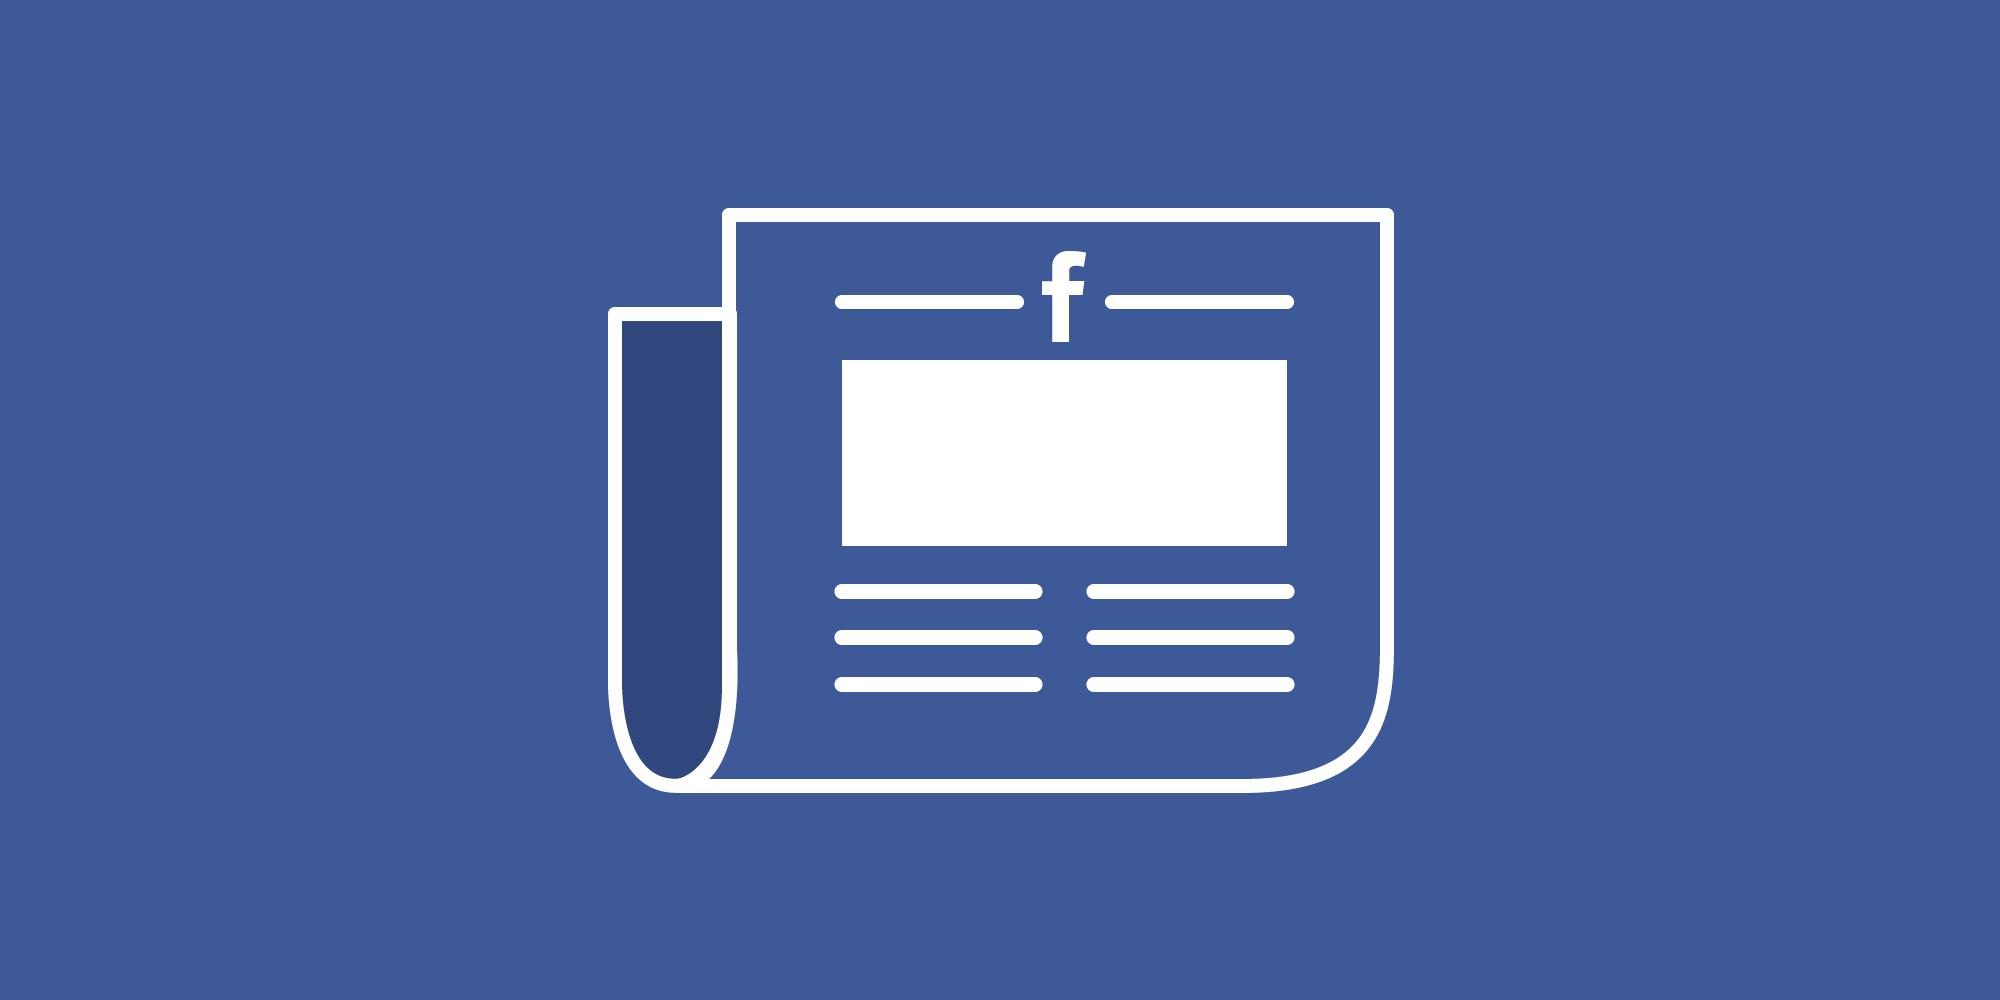 Cổ phiếu Facebook giảm 4% sau khi ap dụng tính năng mới